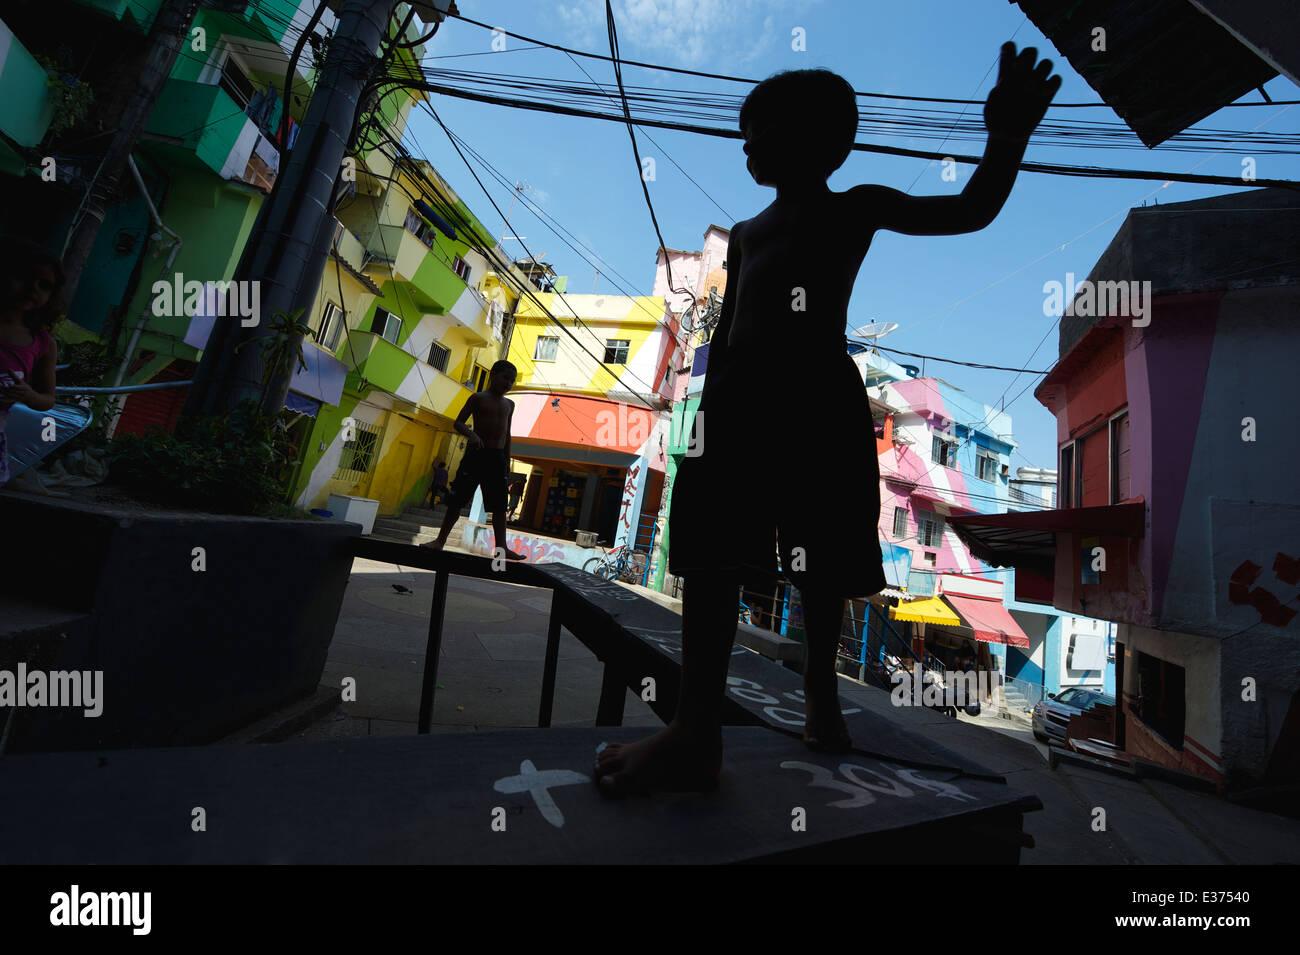 RIO DE JANEIRO, Brasile - 14 febbraio 2014: sagome di bambini giocano a dipinti colorati edifici Favela Dona Marta Immagini Stock